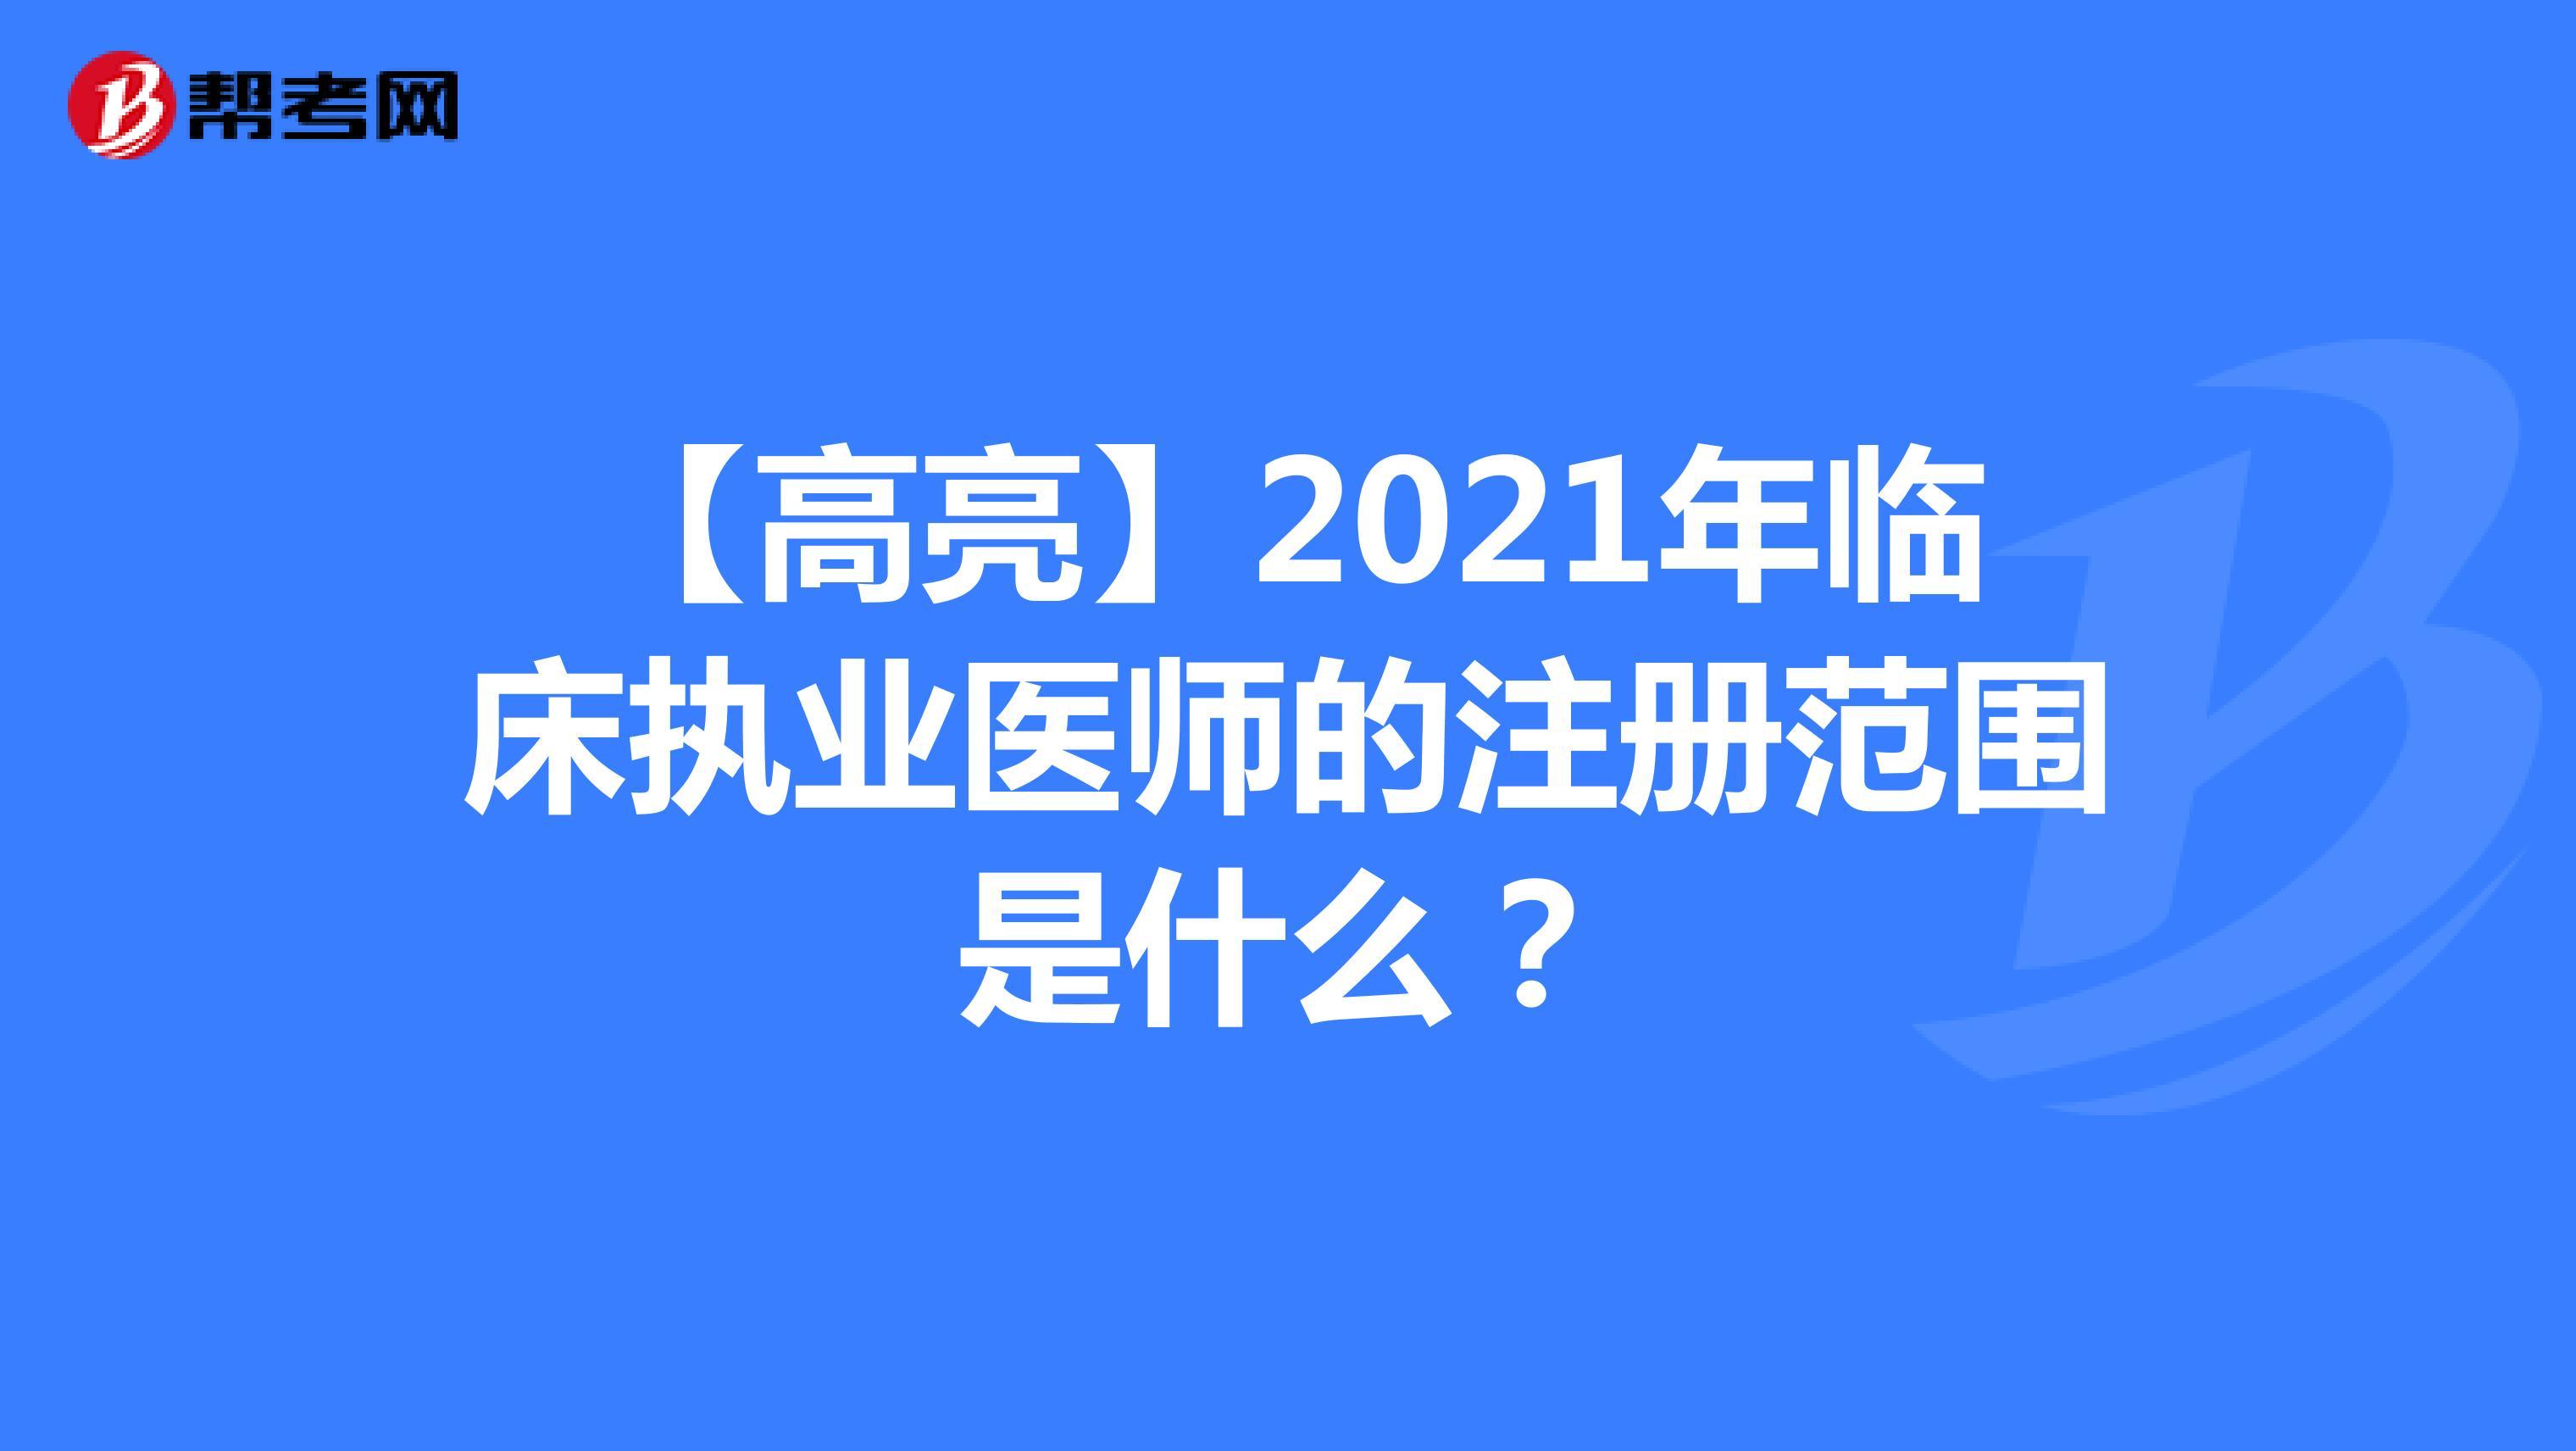 【高亮】2021年临床执业医师的注册范围是什么?